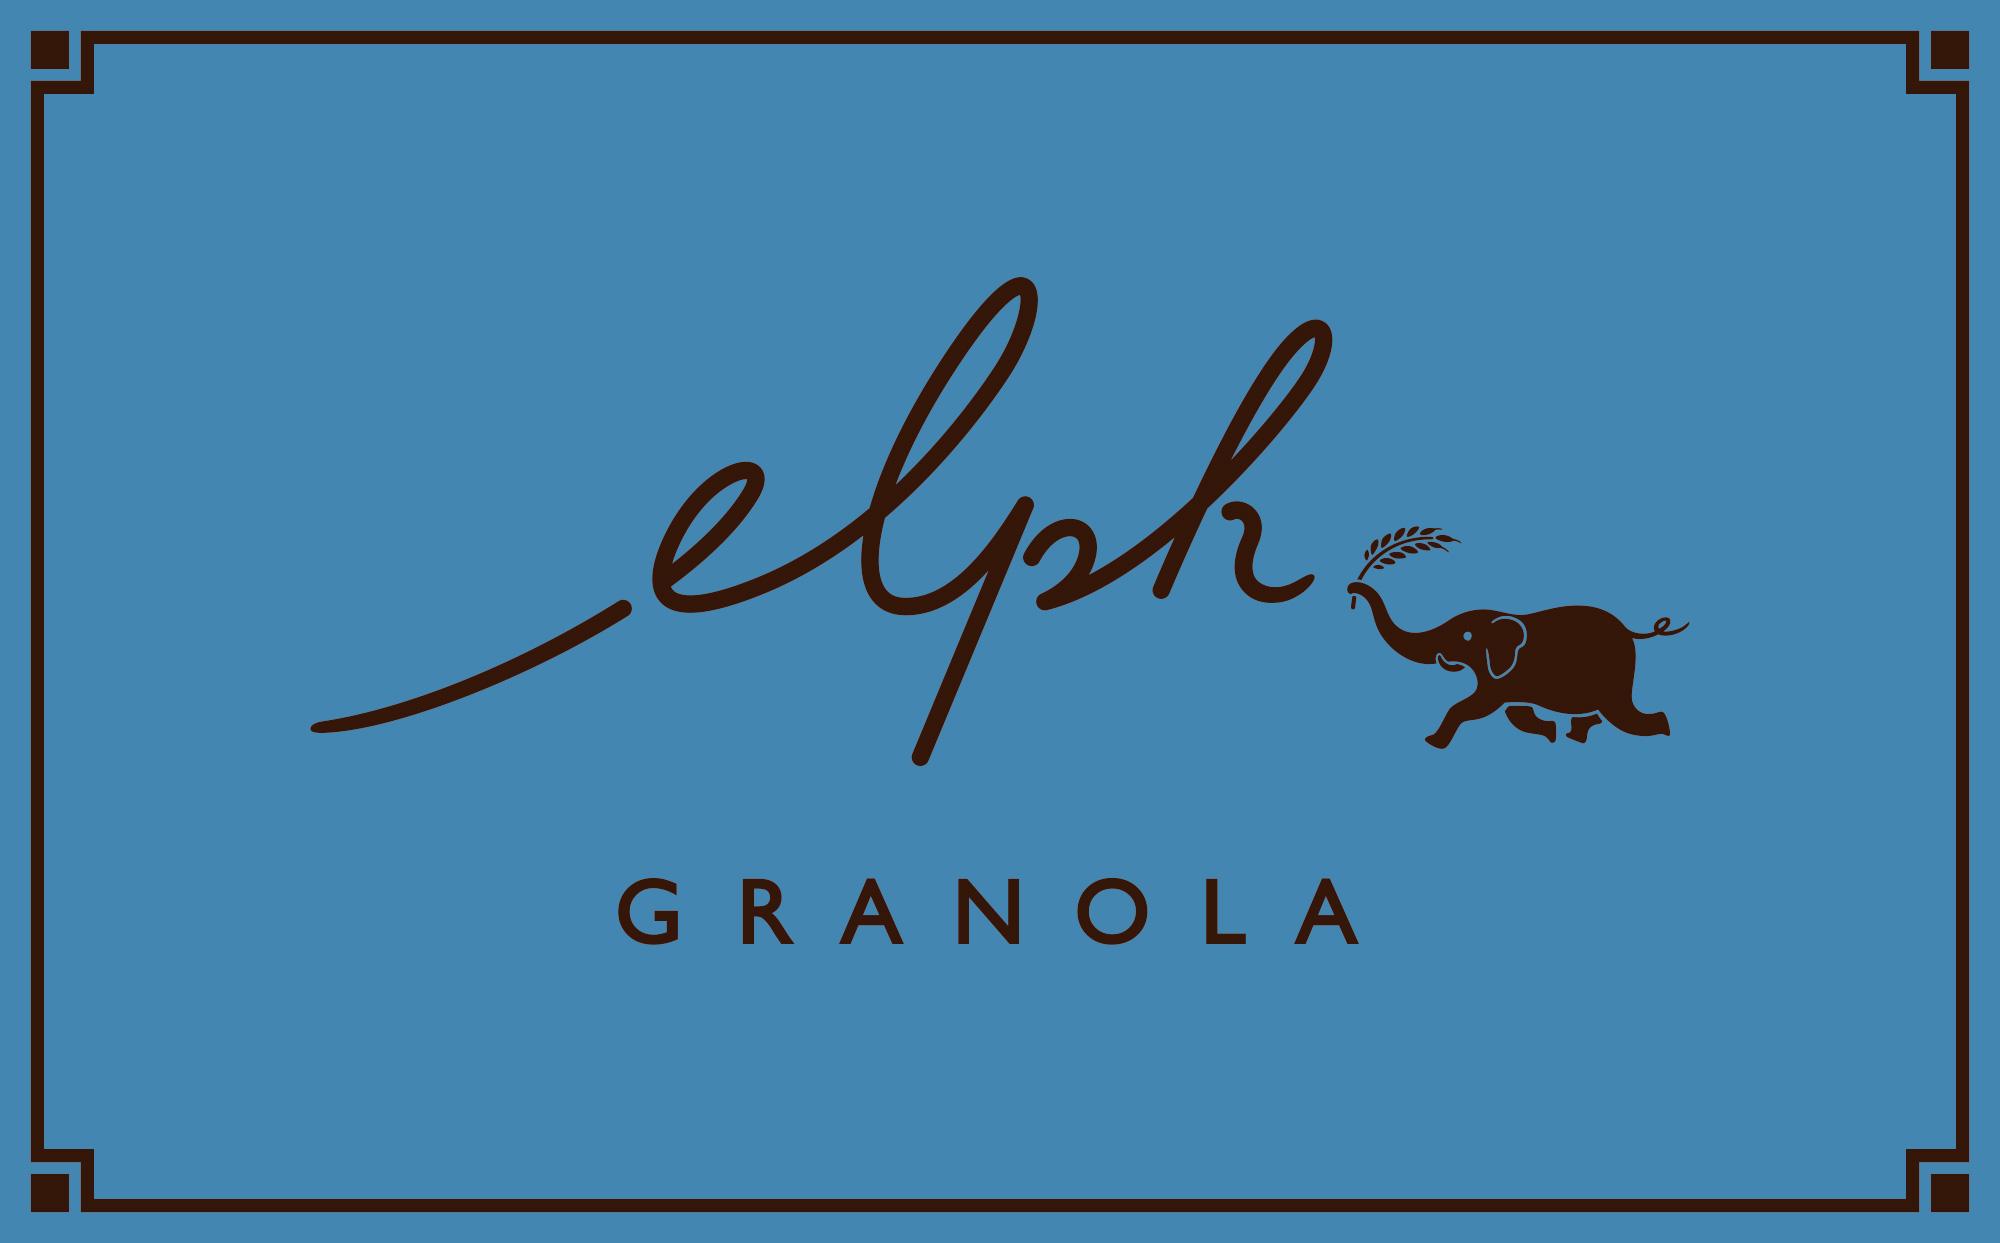 グラノーラ専門店のロゴデザイン